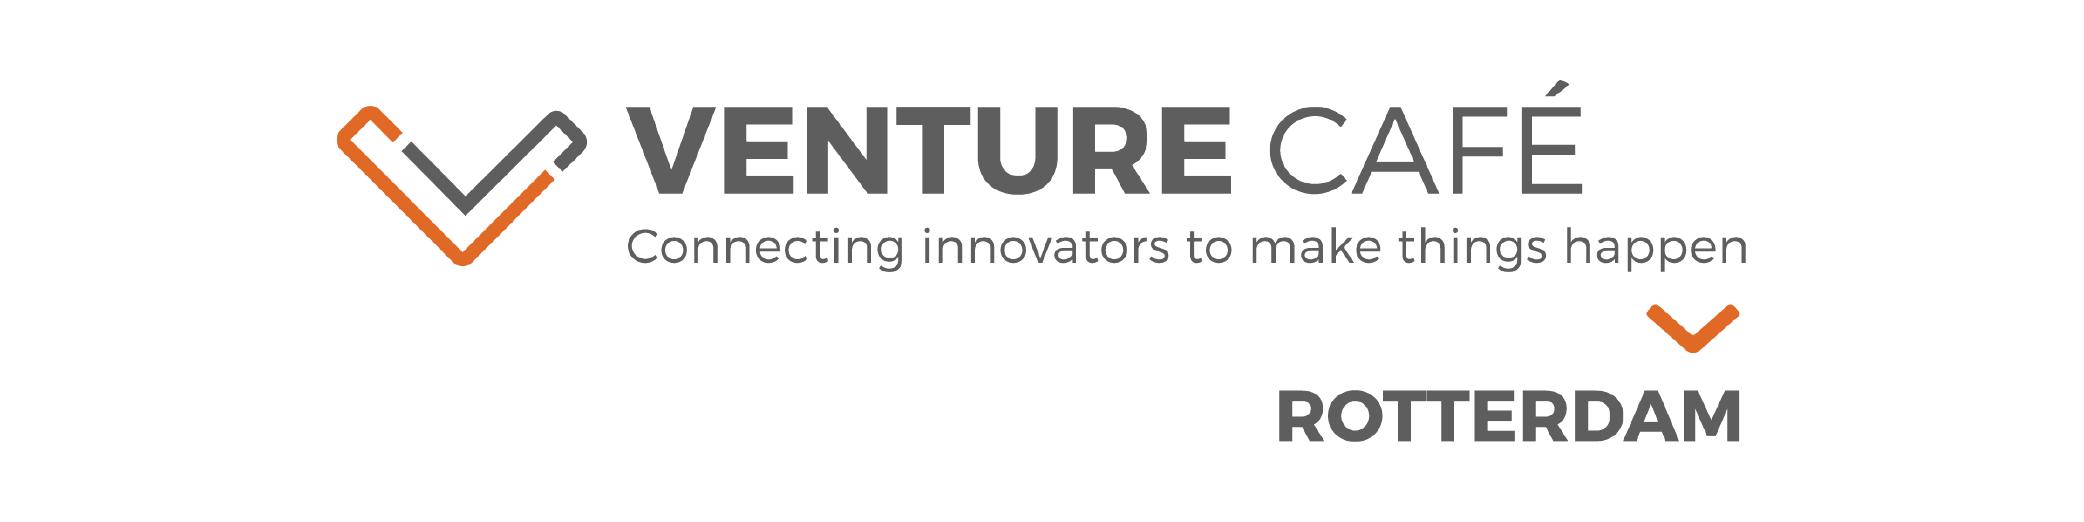 Stichting Venture Café Nederland is CIC's non-profit zuster organisatie. Hun missie is het innovatie ecosysteem te versterken en innovators te verbinden om dingen te laten gebeuren. Iedere donderdag komen innovators samen bij het Venture Café Rotterdam voor effectieve verbindingen. Meer dan 300 evenementen werden georganiseerd voor bijna 12.000 bezoekers. -